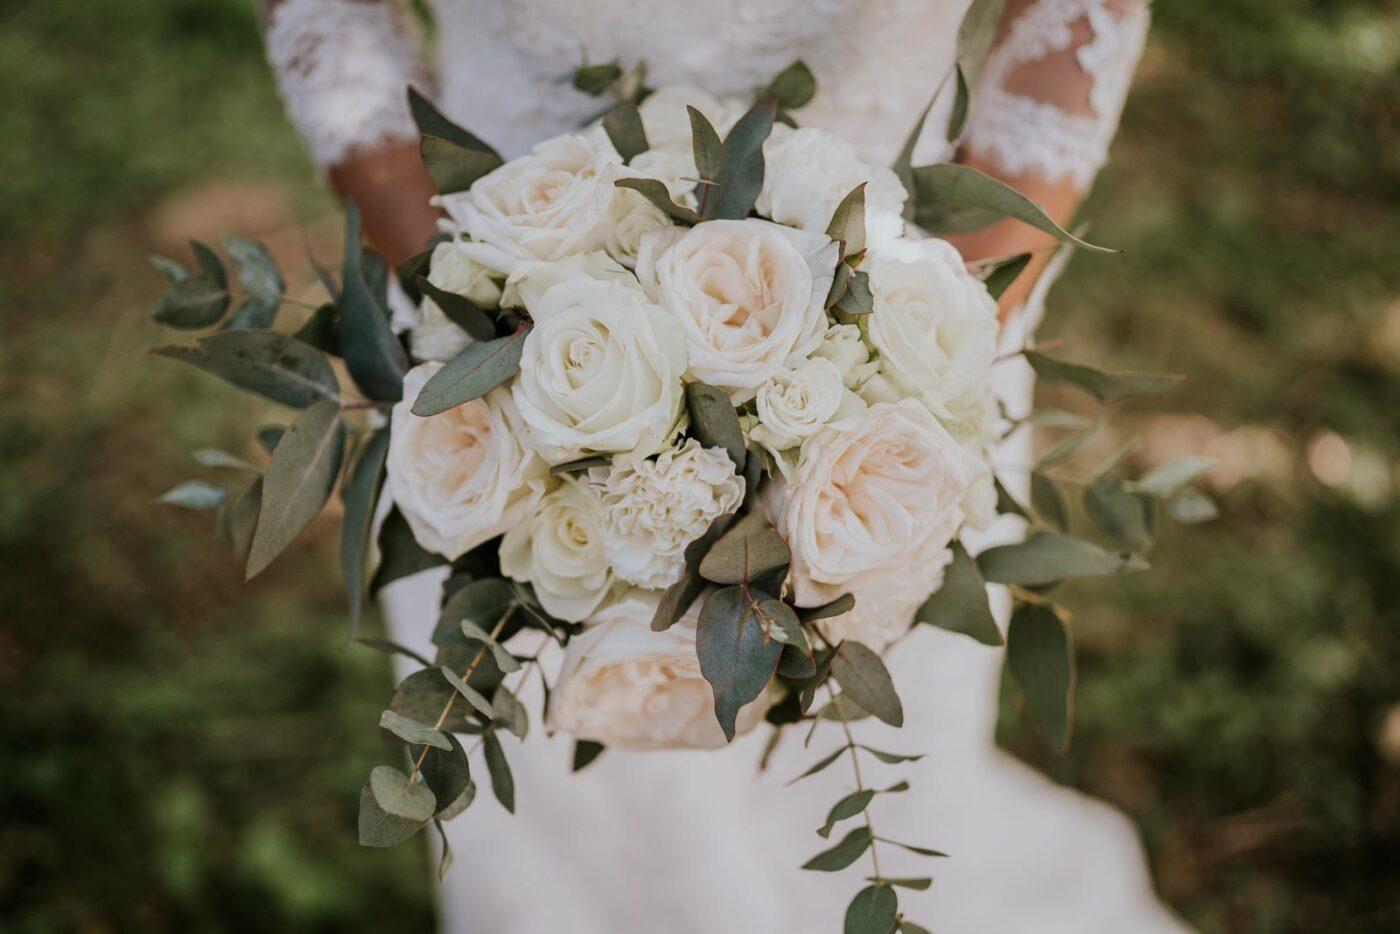 Le bouquet de la mariée.